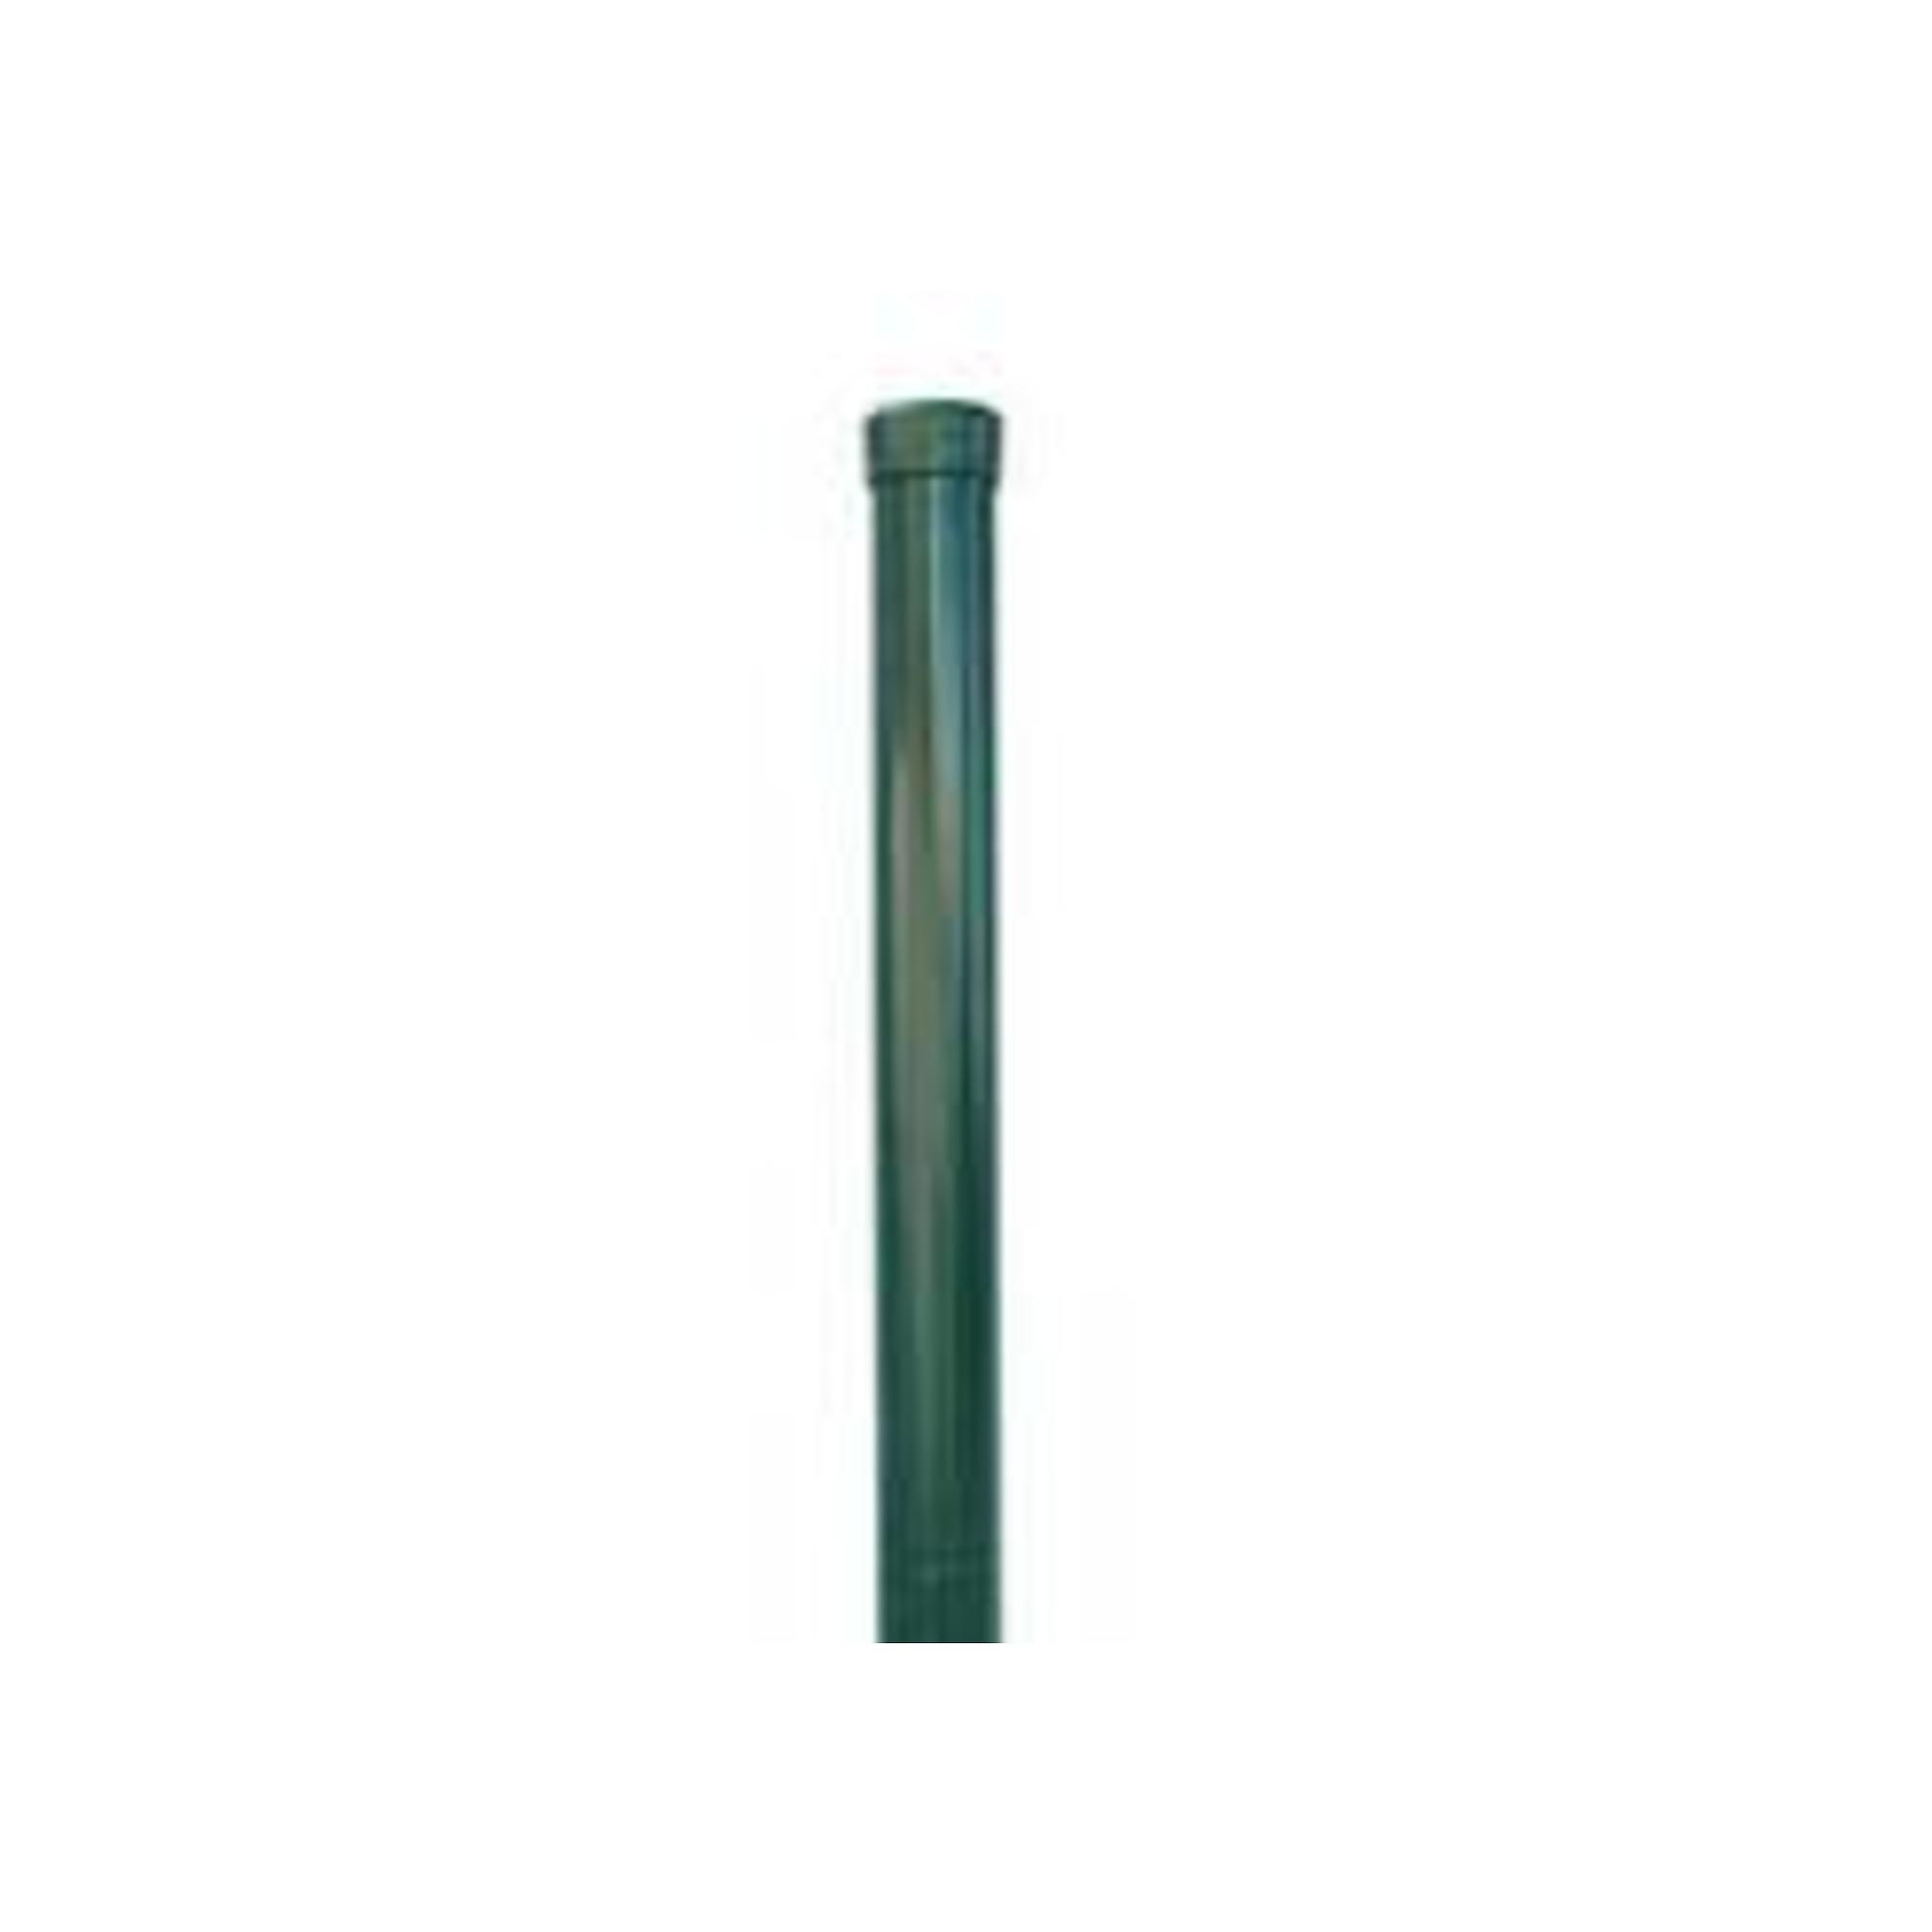 BPL oszlop 2200mm 38mm átmérő talp nélkül RAL6005